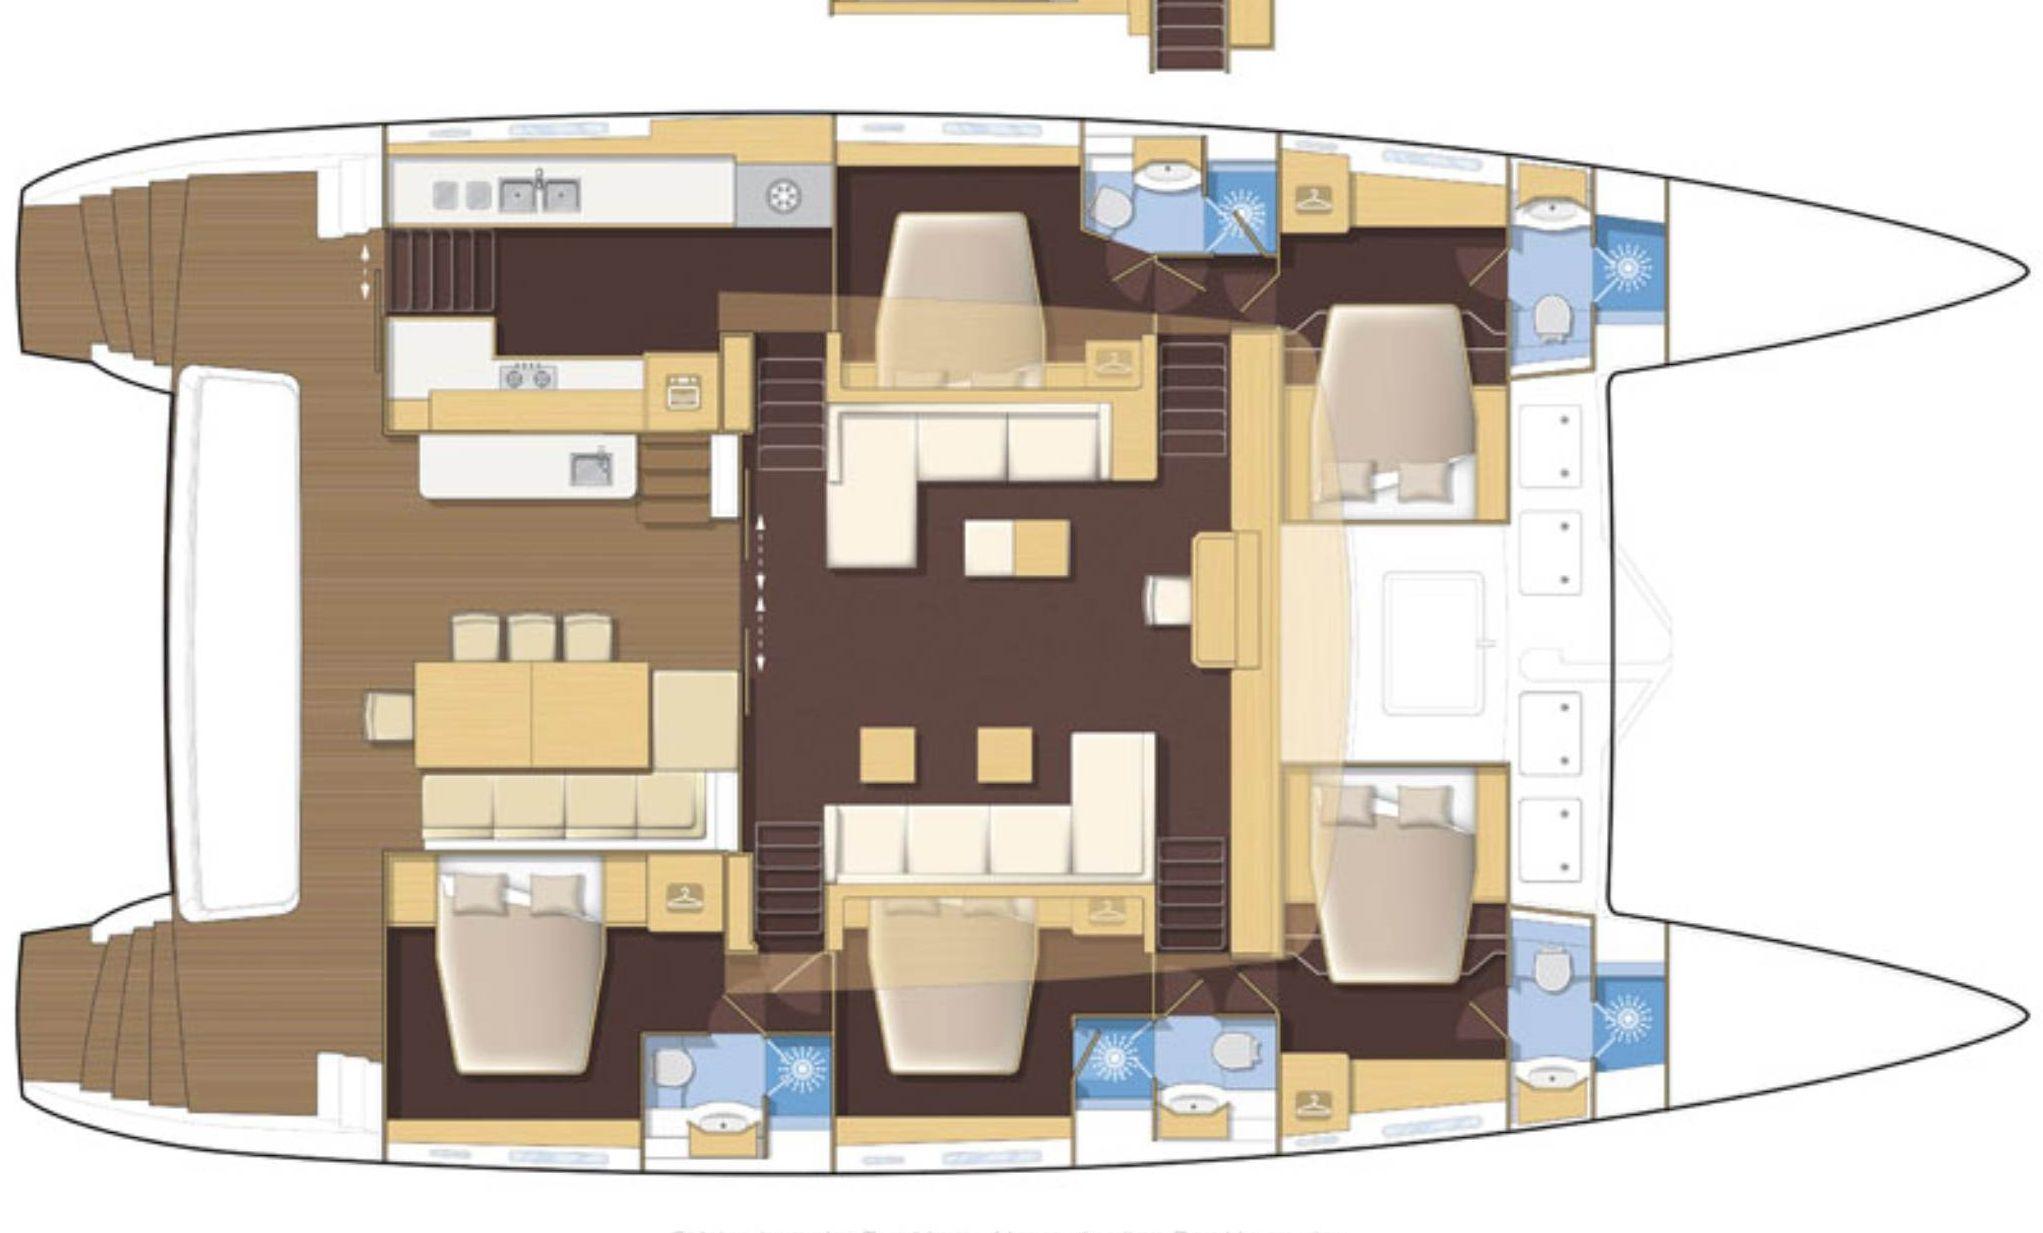 KASKAZI FOUR Lagoon 620 Luxury Catamaran Floor Plan